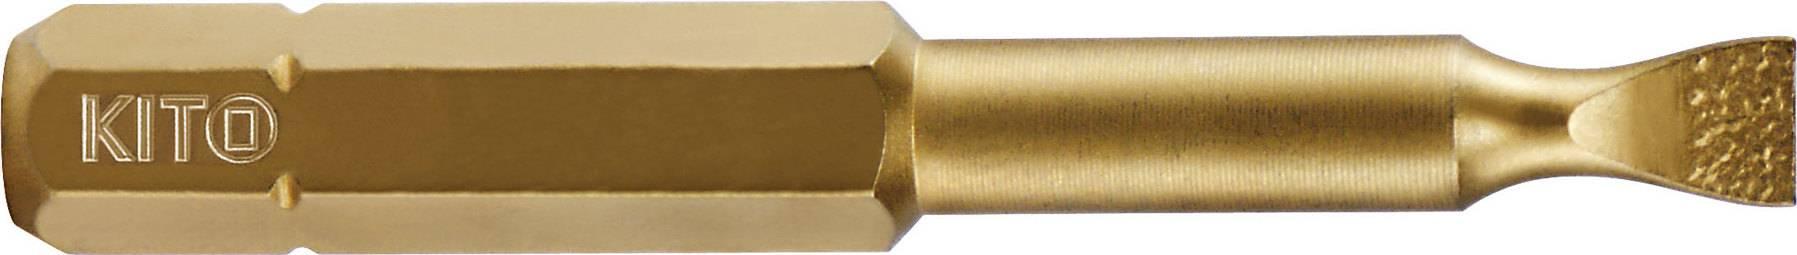 hrot, 6x50mm, S2/TiN 4821305 KITO